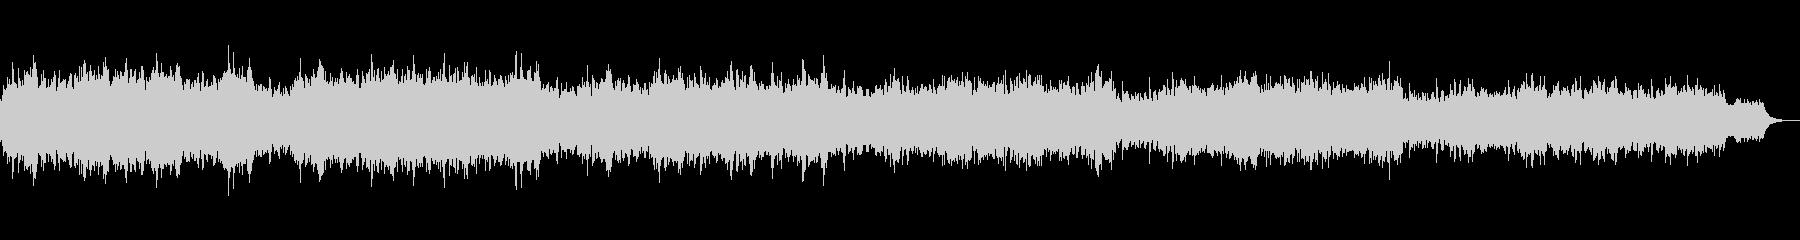 ストリングス、木管、合唱、ハープの幻想曲の未再生の波形